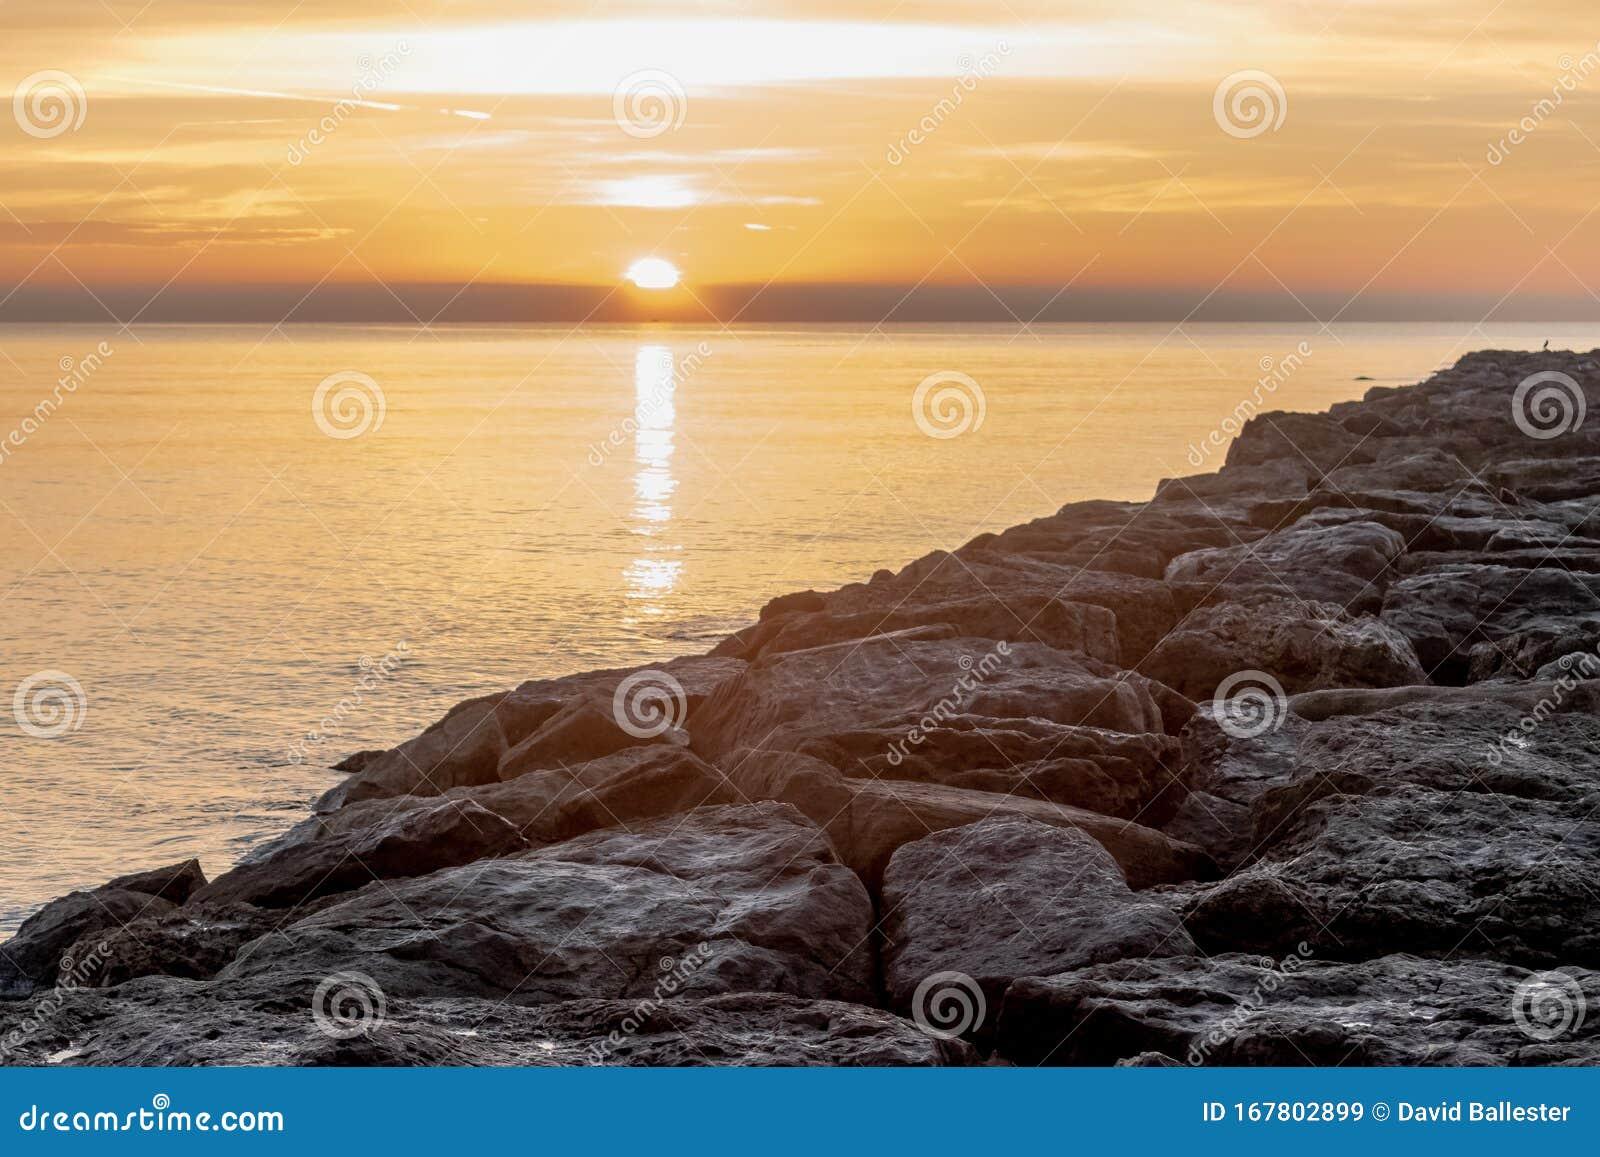 Amanecer En El Mar Stock Image Image Of Excursiones 167802899